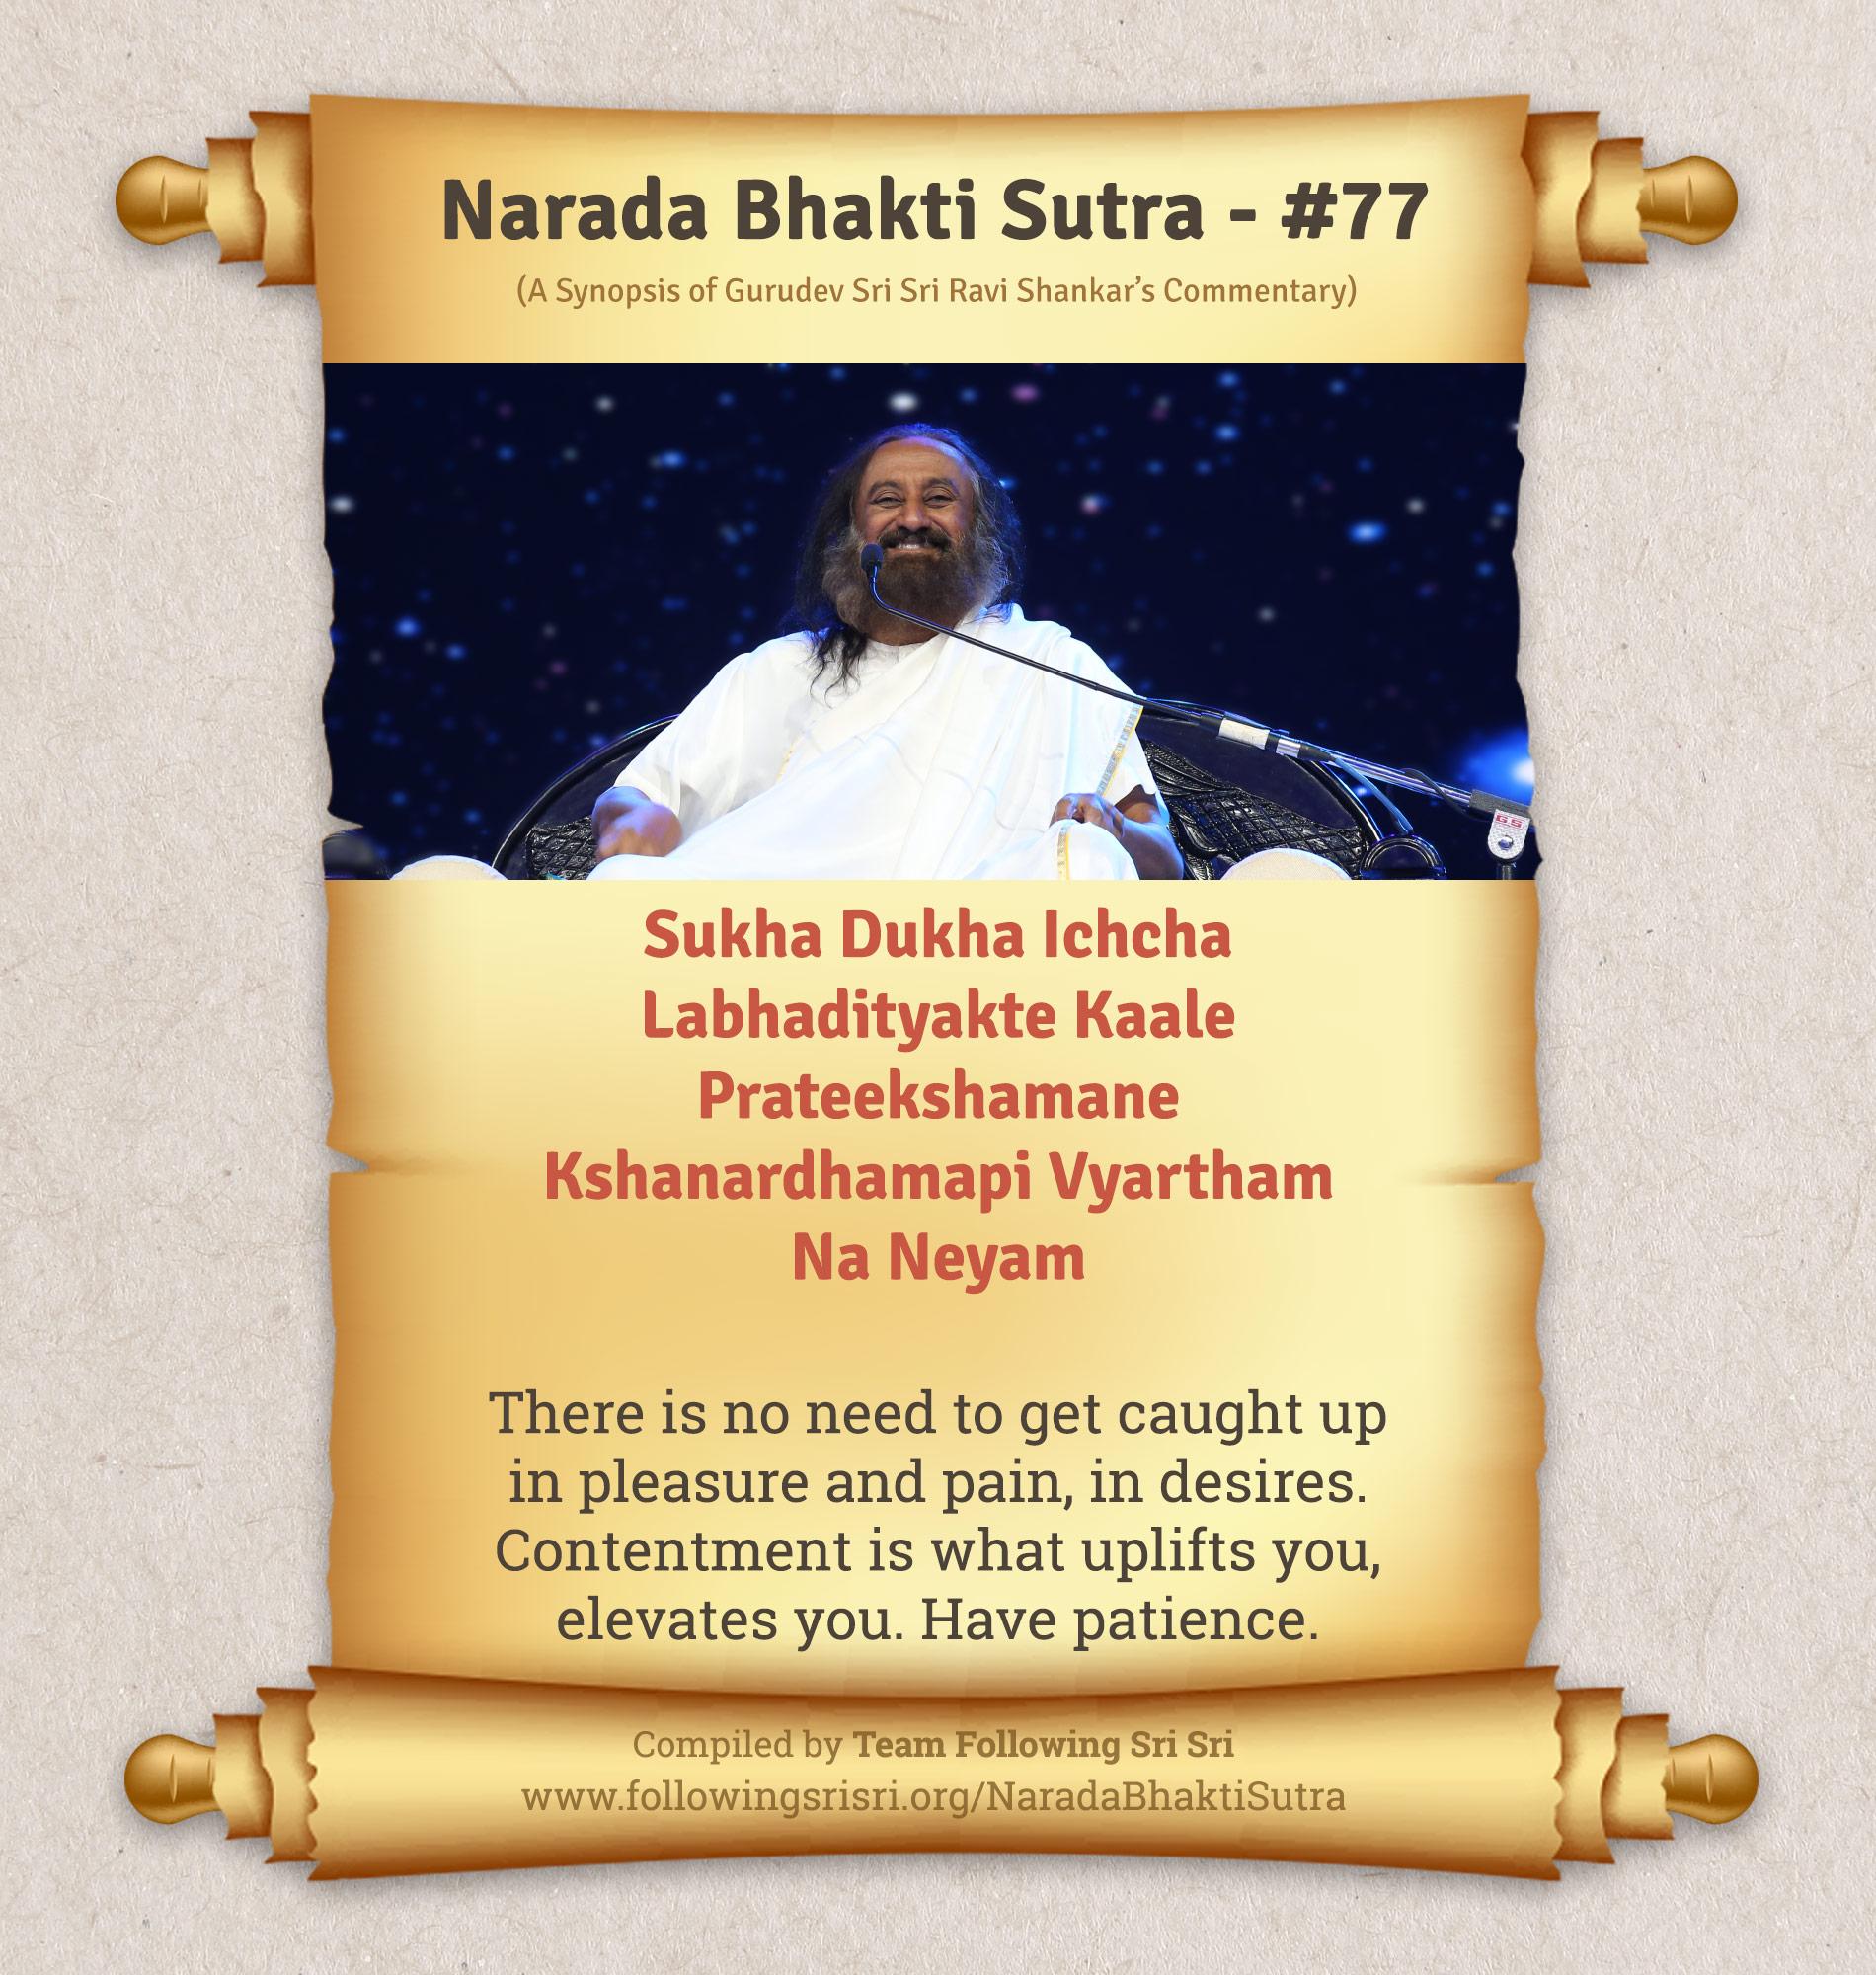 Narada Bhakti Sutras - Sutra 77